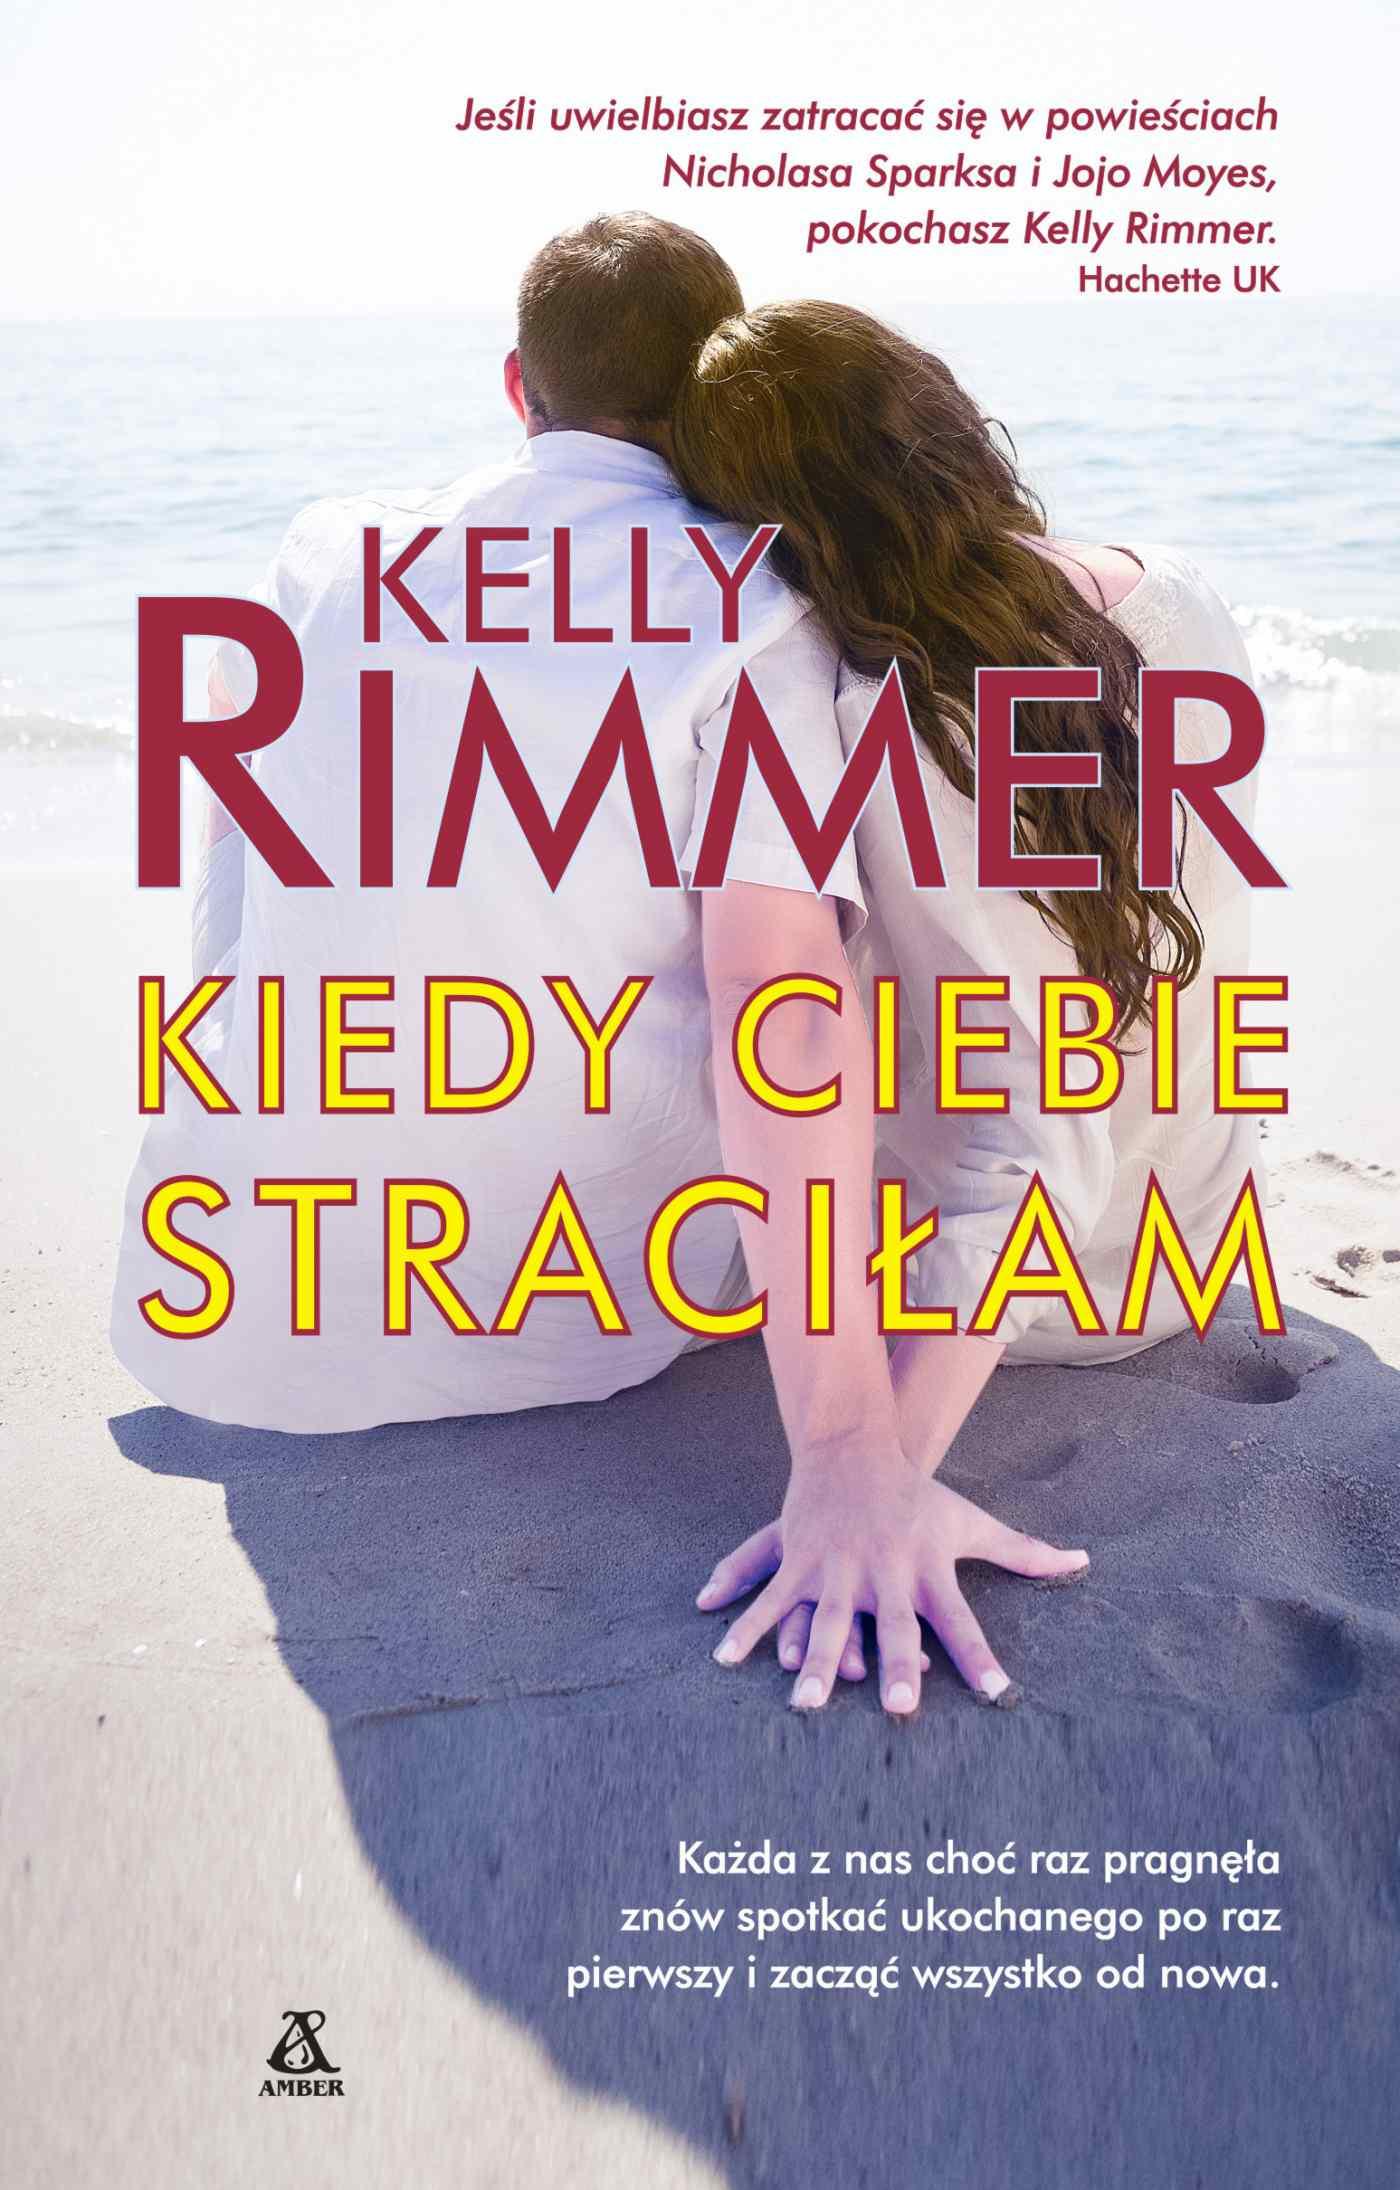 Kiedy ciebie straciłam - Kelly Rimmer